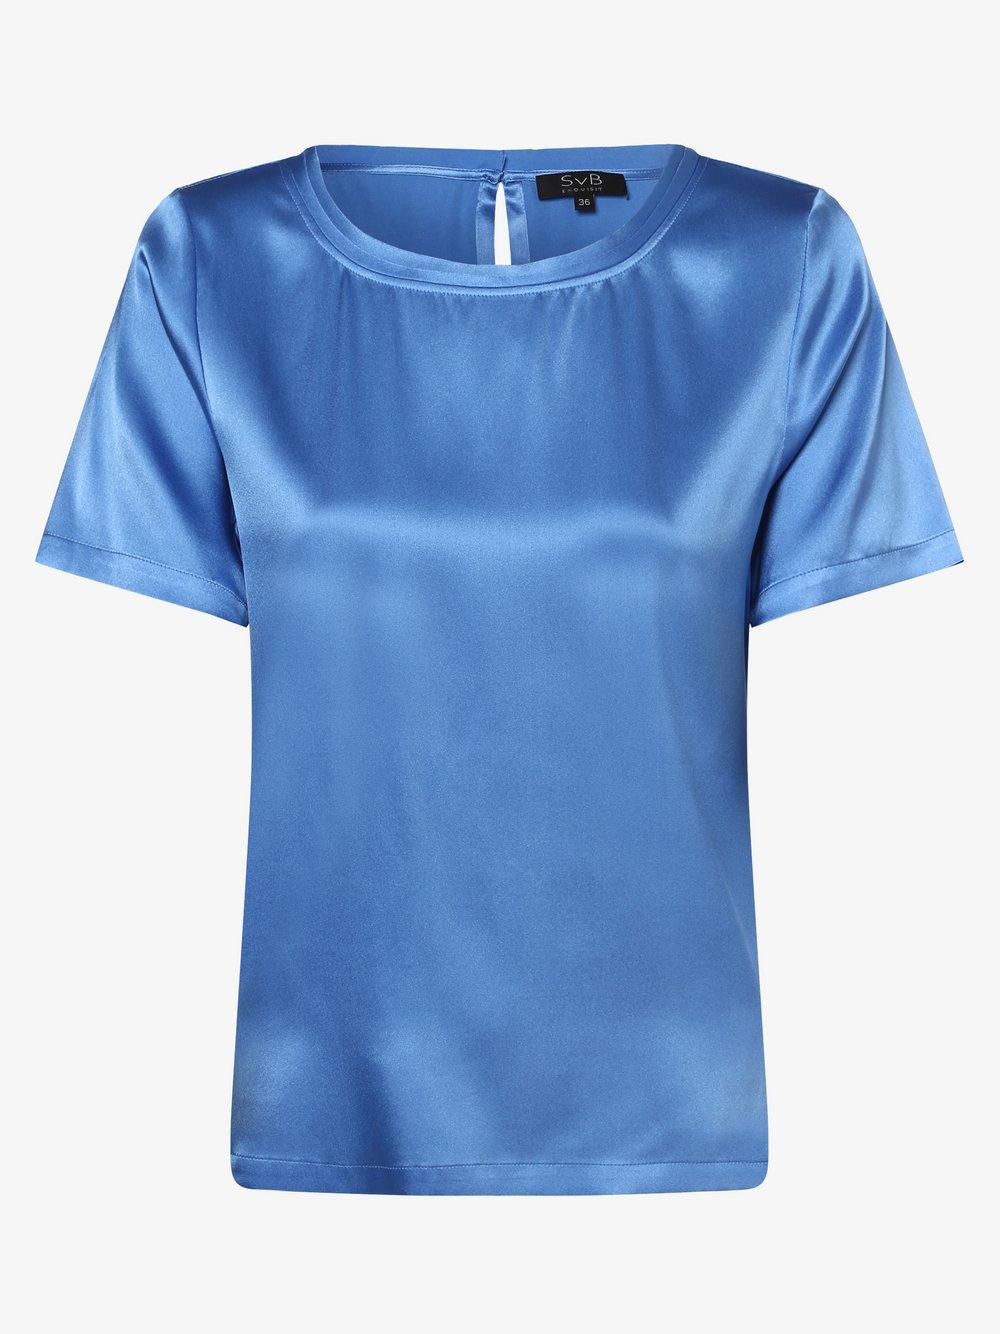 SvB Exquisit - Bluzka damska z mieszanki jedwabiu, niebieski